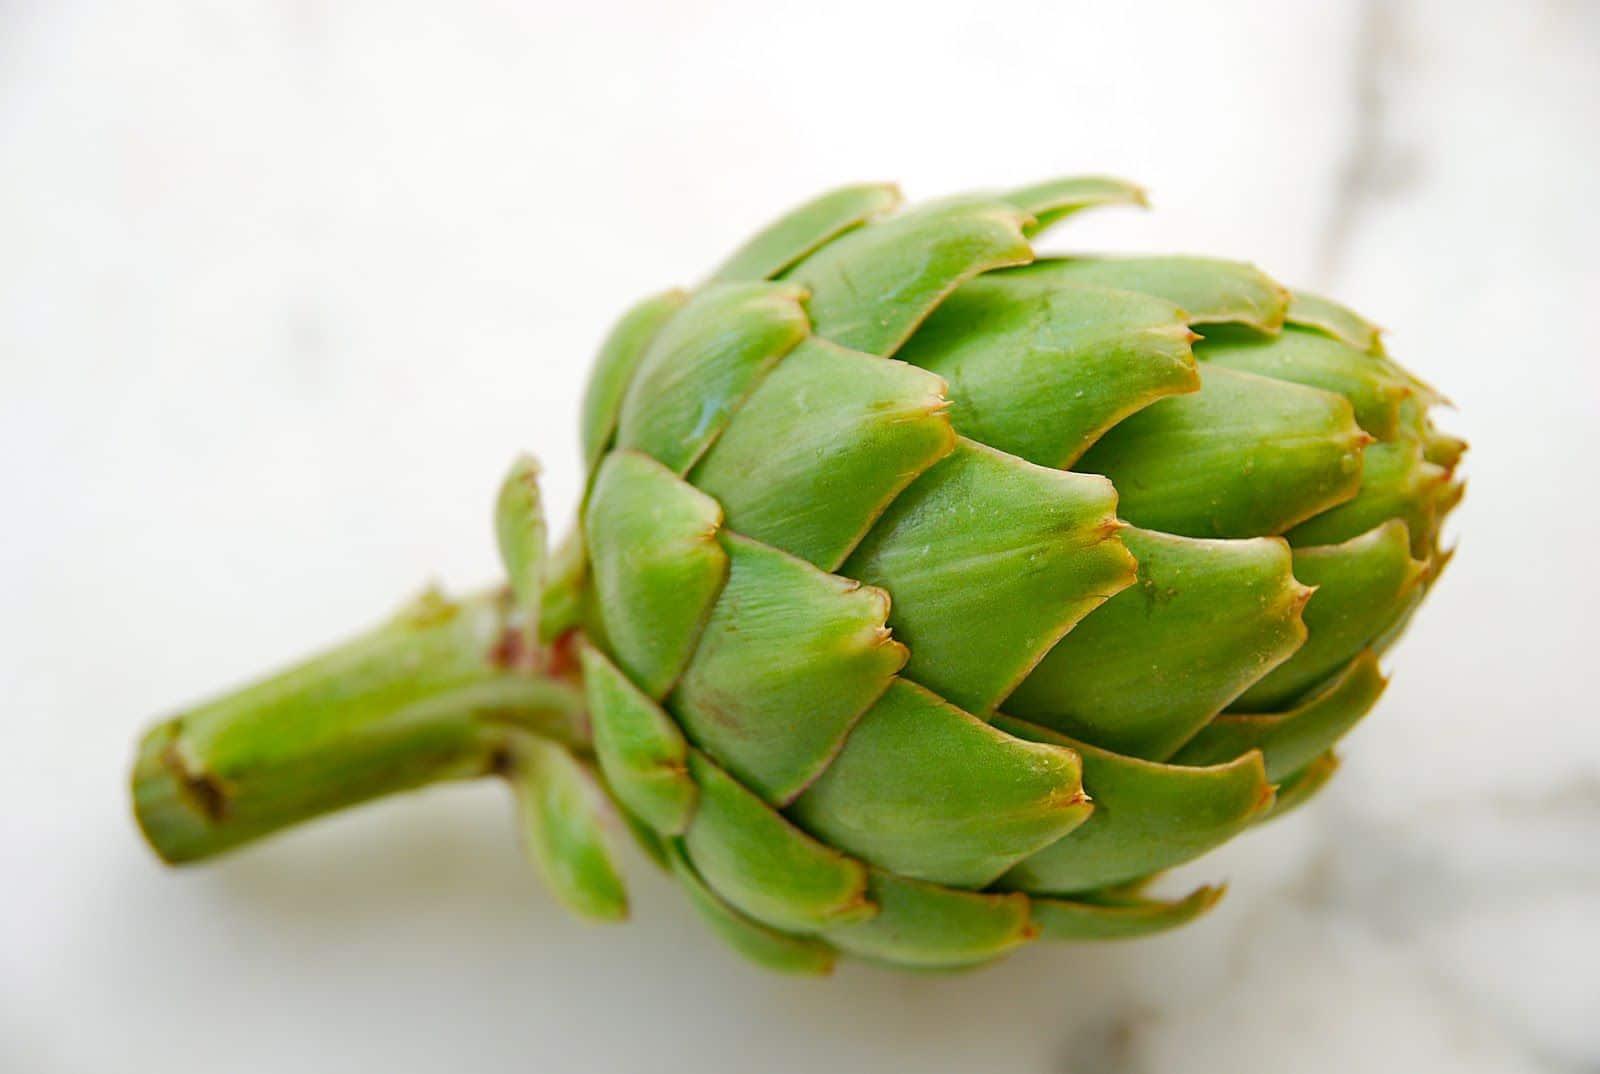 आटिचोक: प्राकृतिक एंटीऑक्सीडेंट के प्रावधान में एक अग्रणी भूमिका के साथ एक फूल